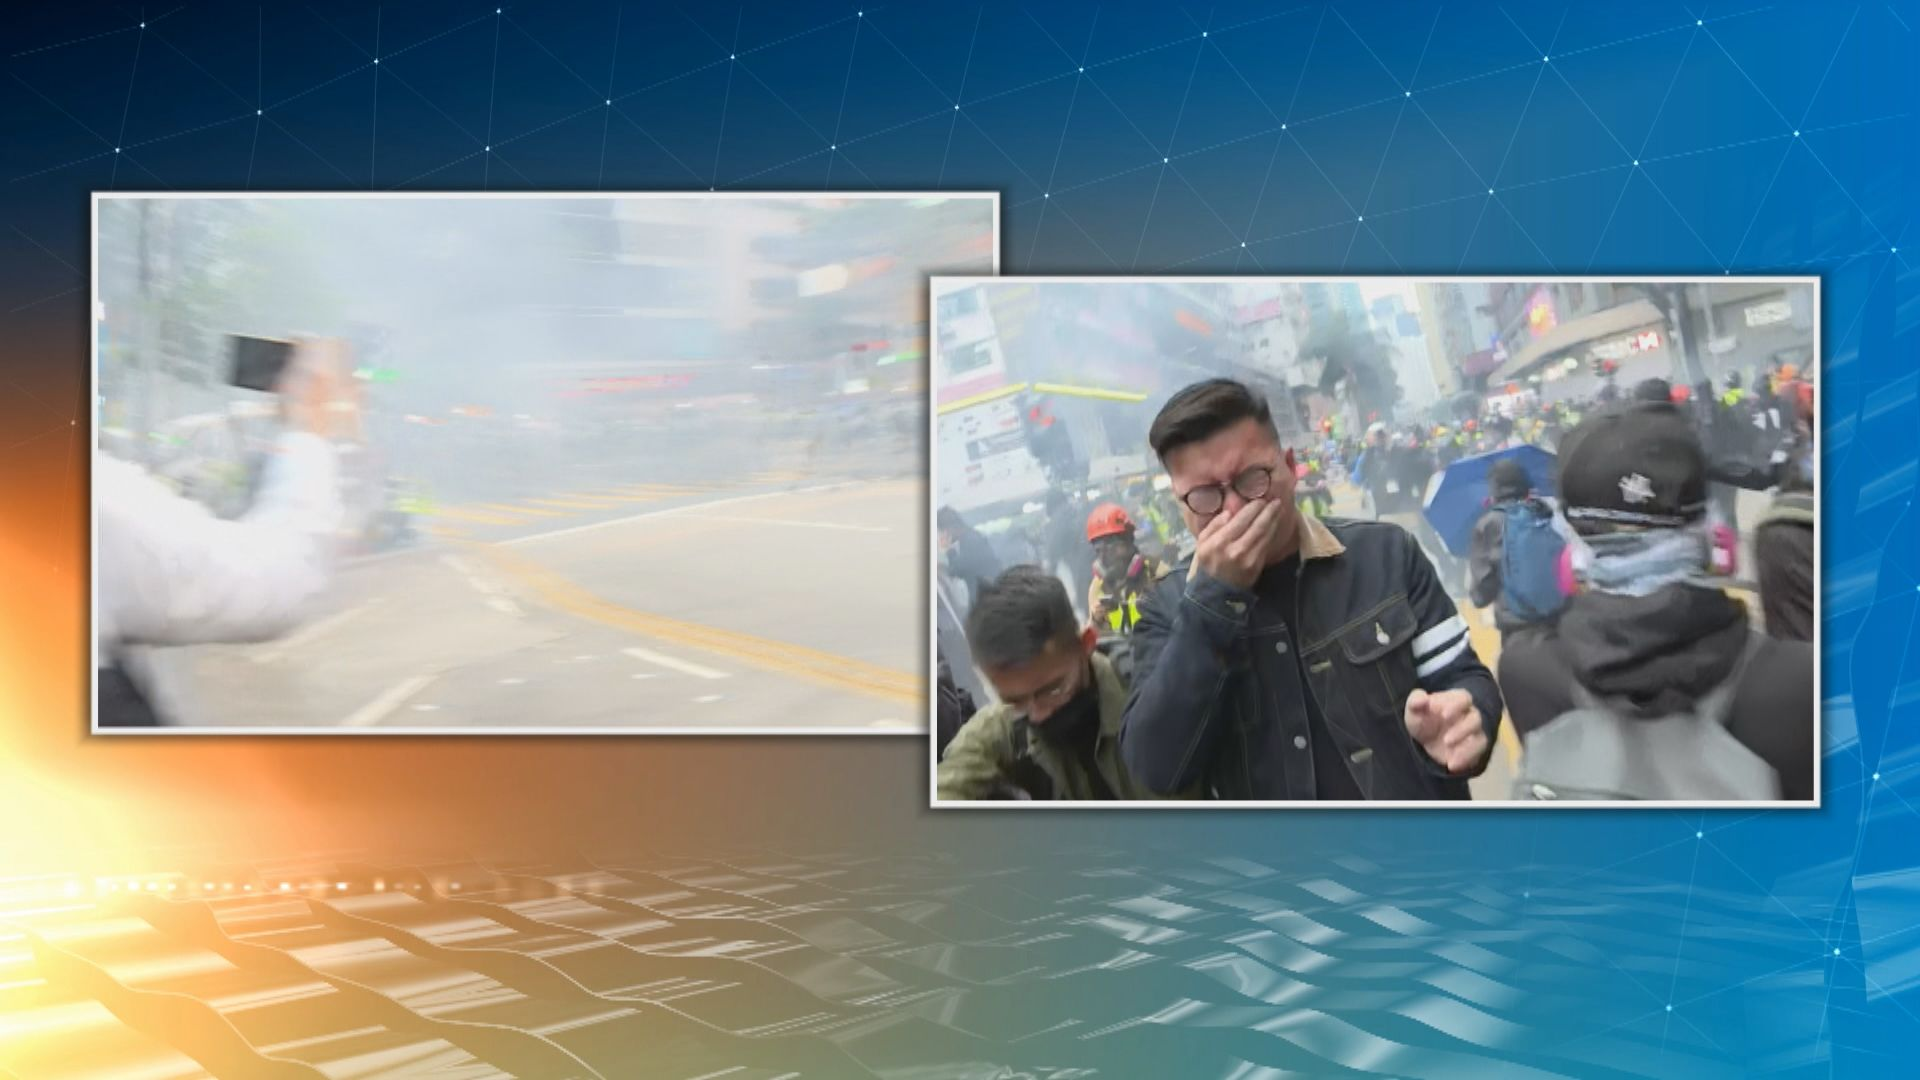 【不斷更新】民陣元旦遊行 警方在灣仔施放催淚彈